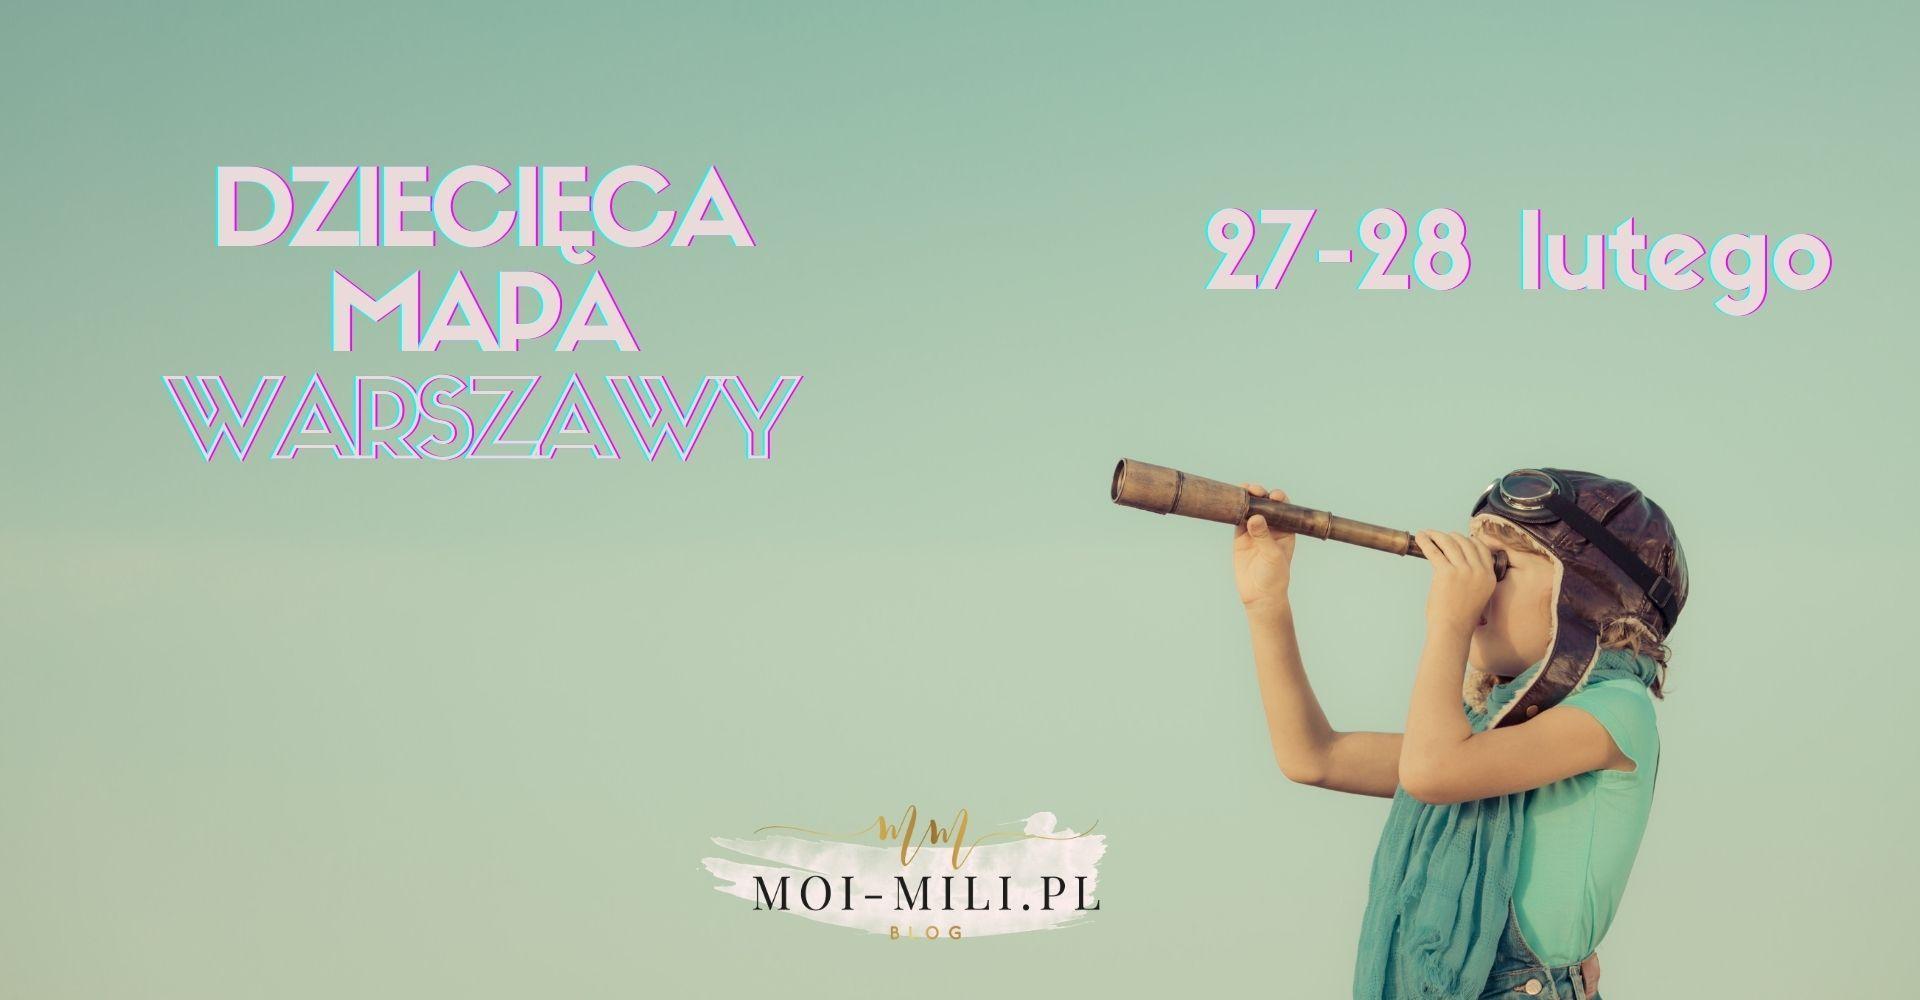 Weekendowa Zajawka, czyli co robić z dzieckiem w Warszawie 27-28 lutego